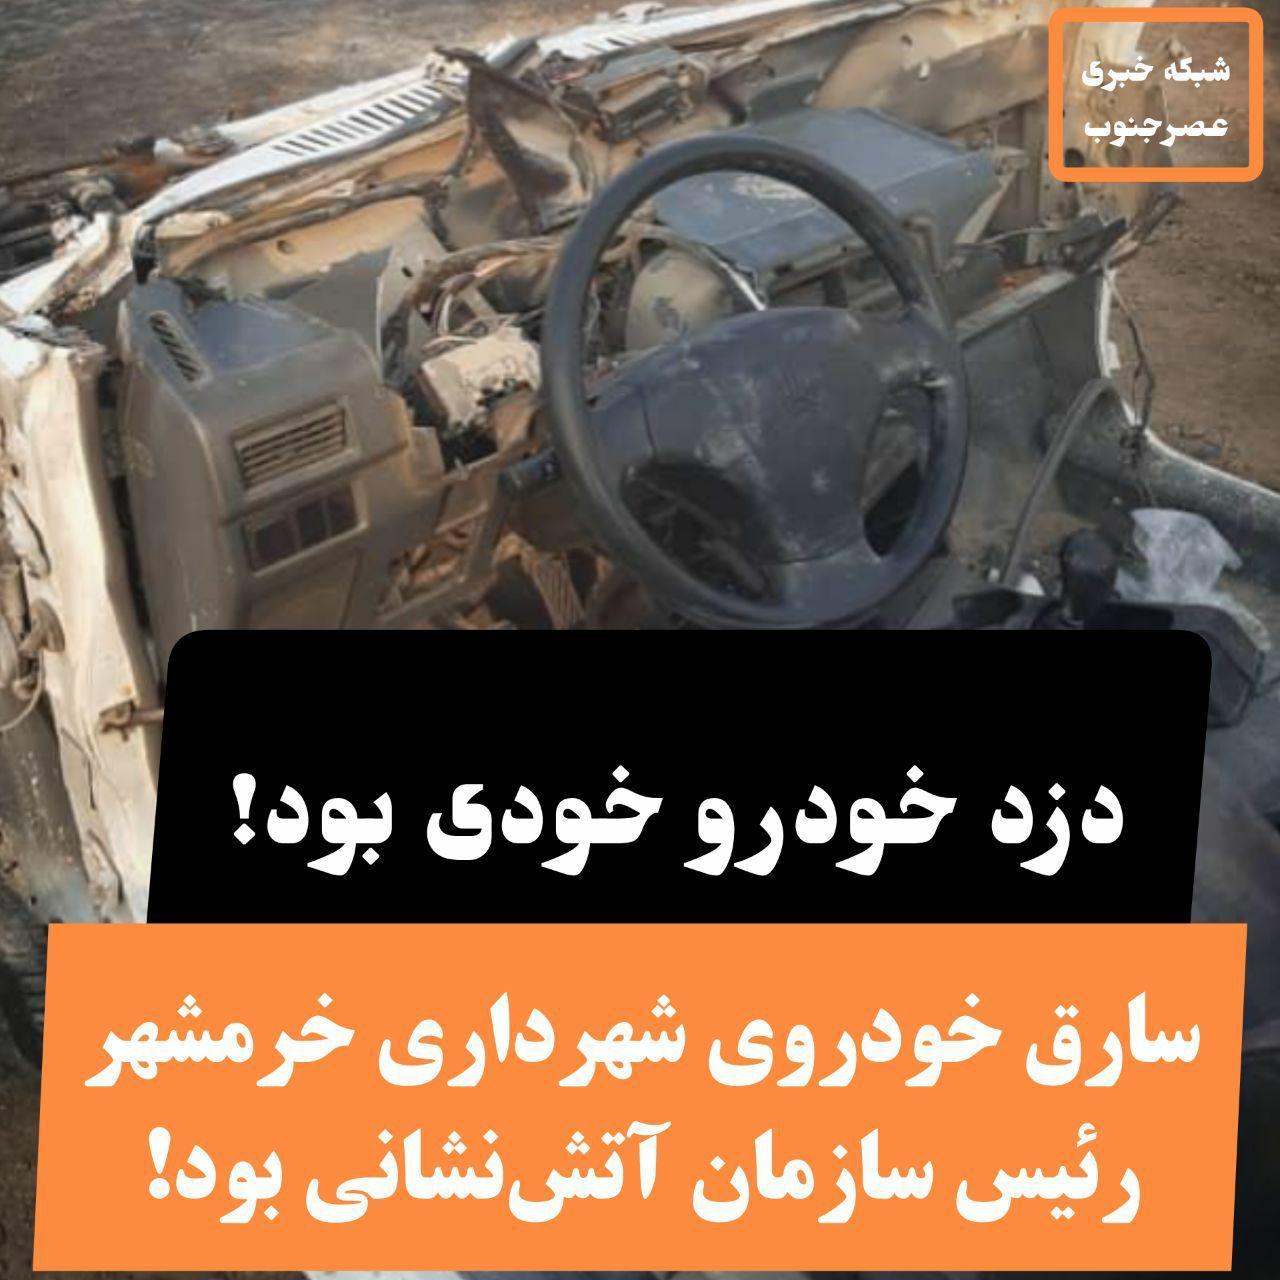 رییس شورای شهر خرمشهر: دزدیدن پراید شهرداری توسط رییس آتش نشانی